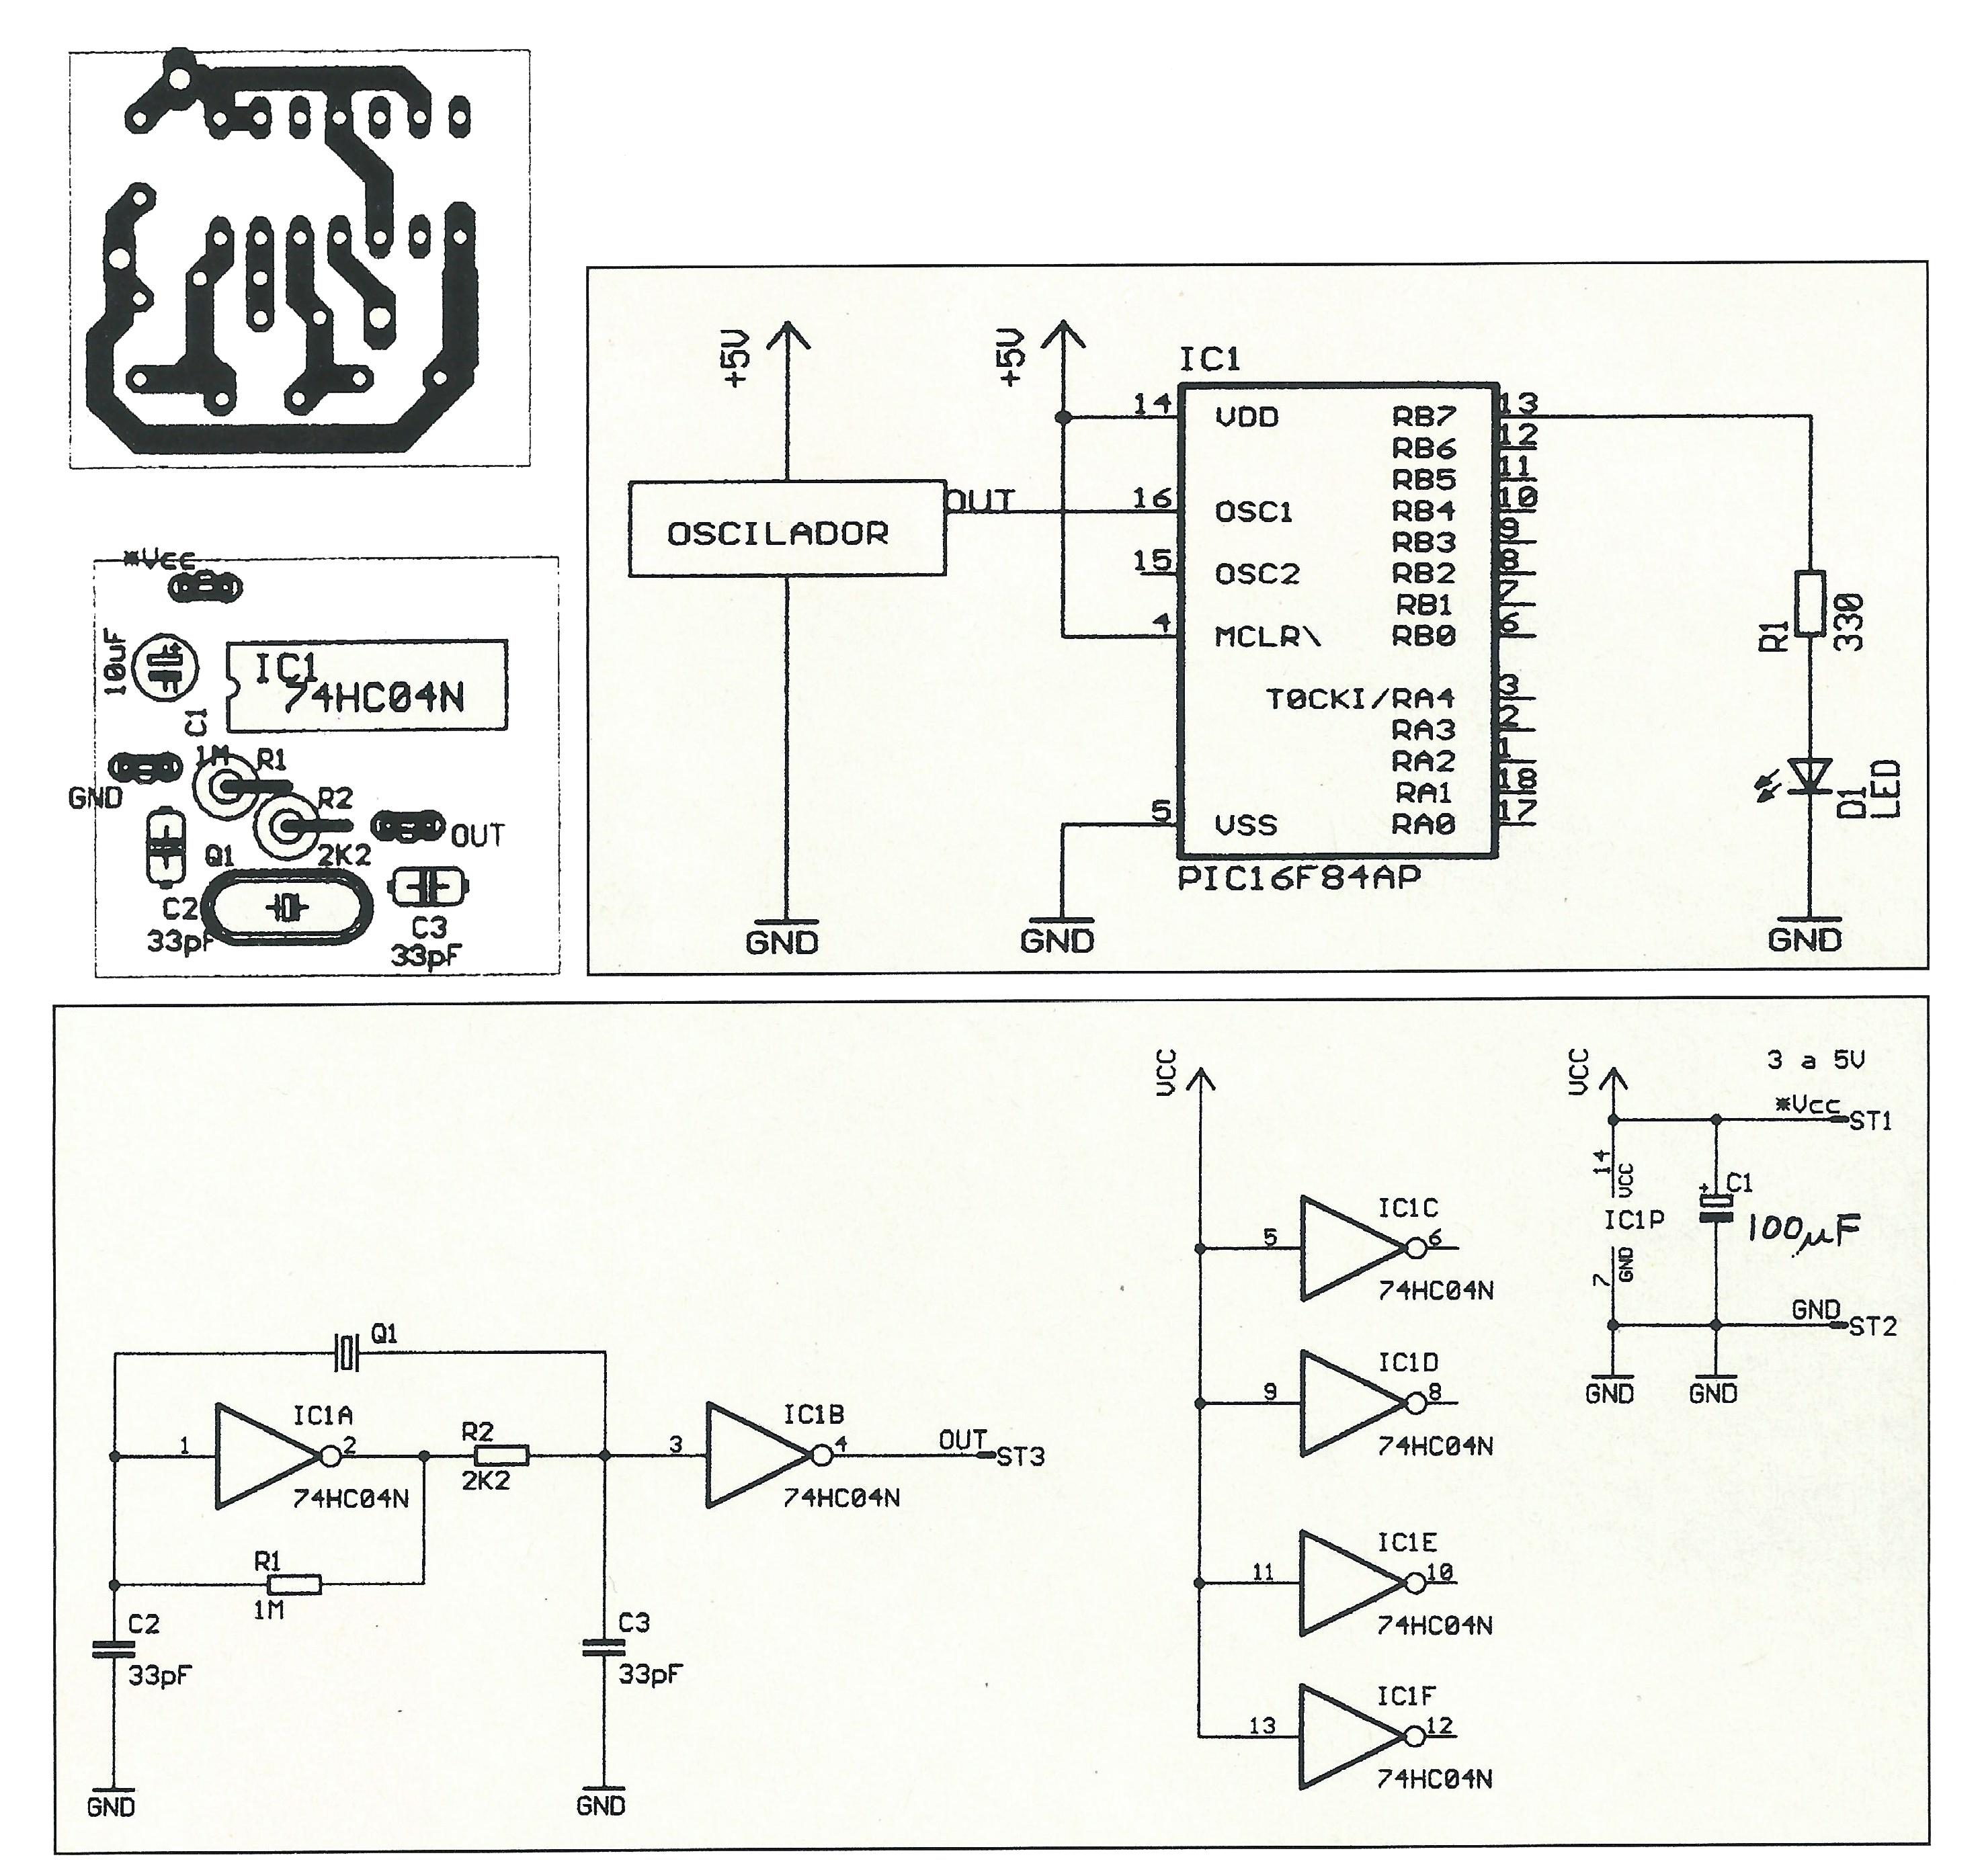 Circuito Oscilador : Oscilador para experimentar con pic de electrónica